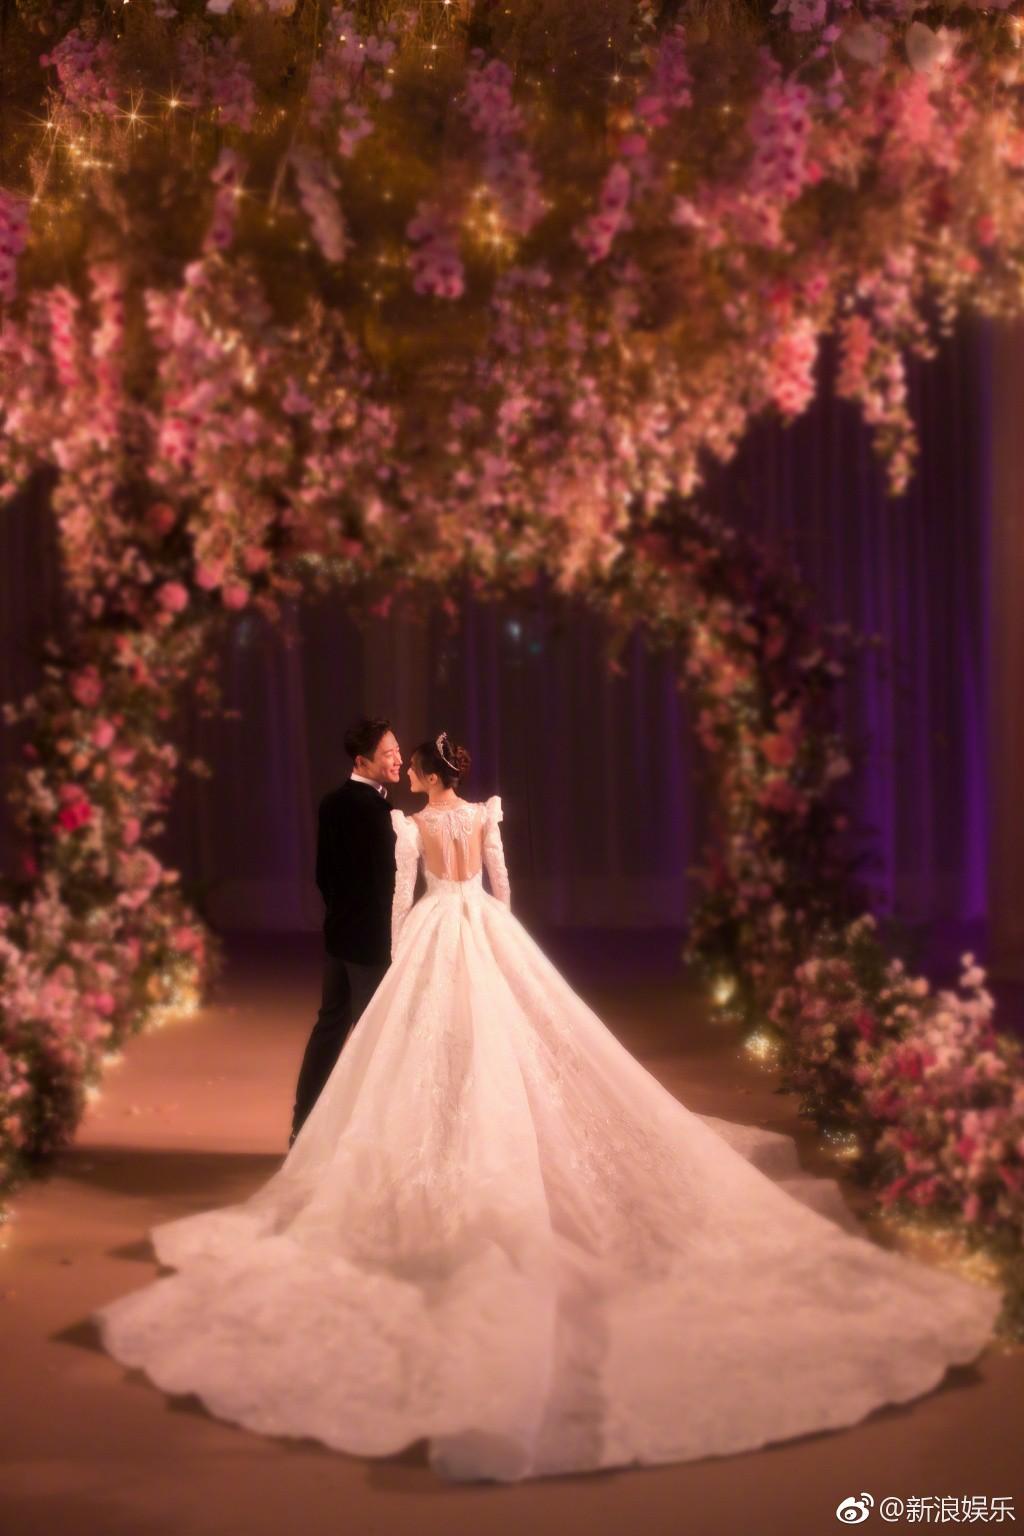 Tiết lộ loạt ảnh cực hiếm trong đám cưới lộng lẫy siêu bảo mật của Đường Yên – La Tấn